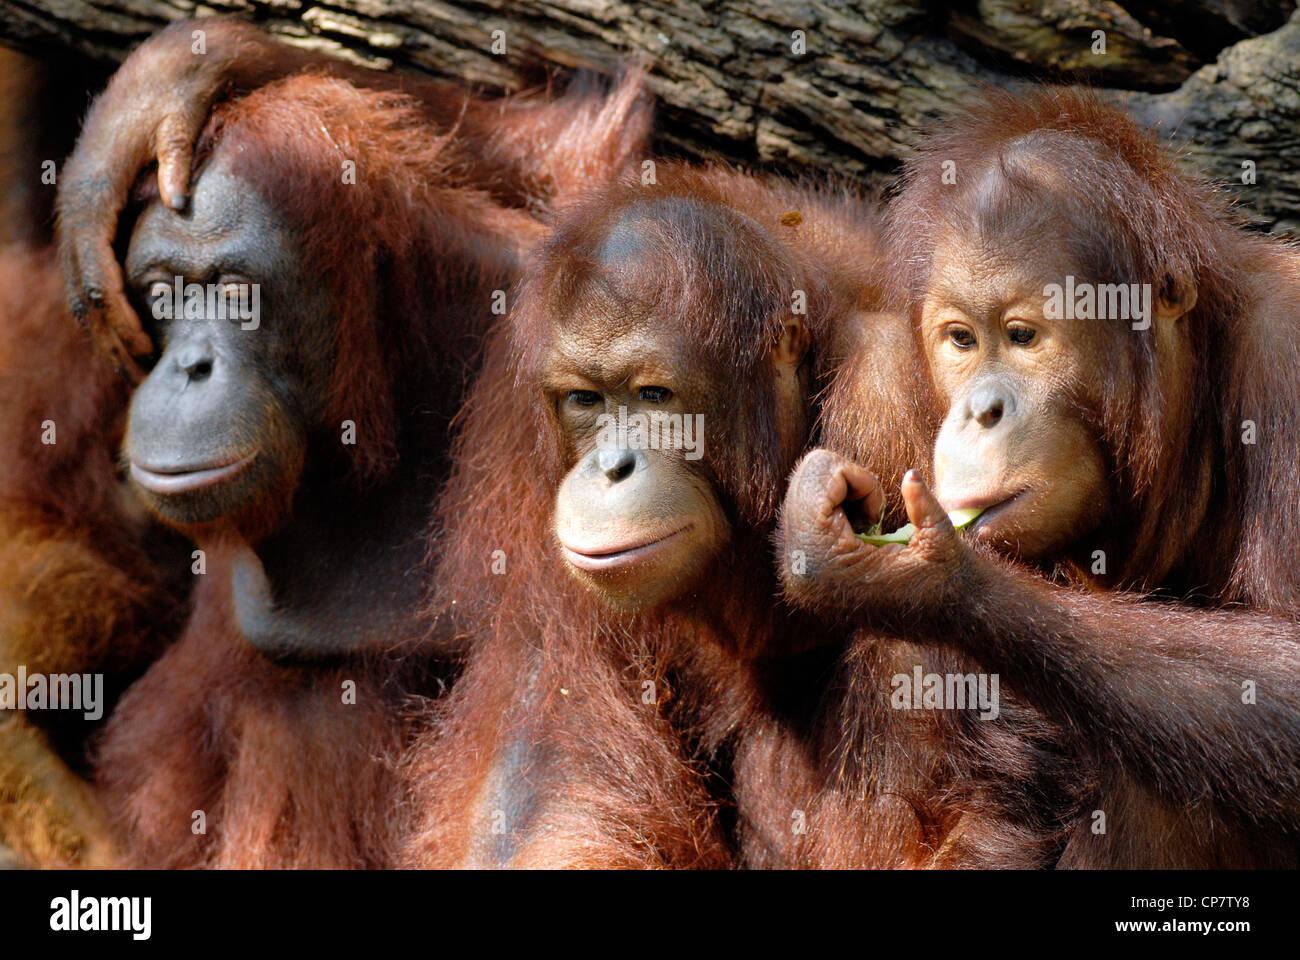 Cerca de un grupo de orangután adolescente compartiendo algunos alimentos. Foto de stock